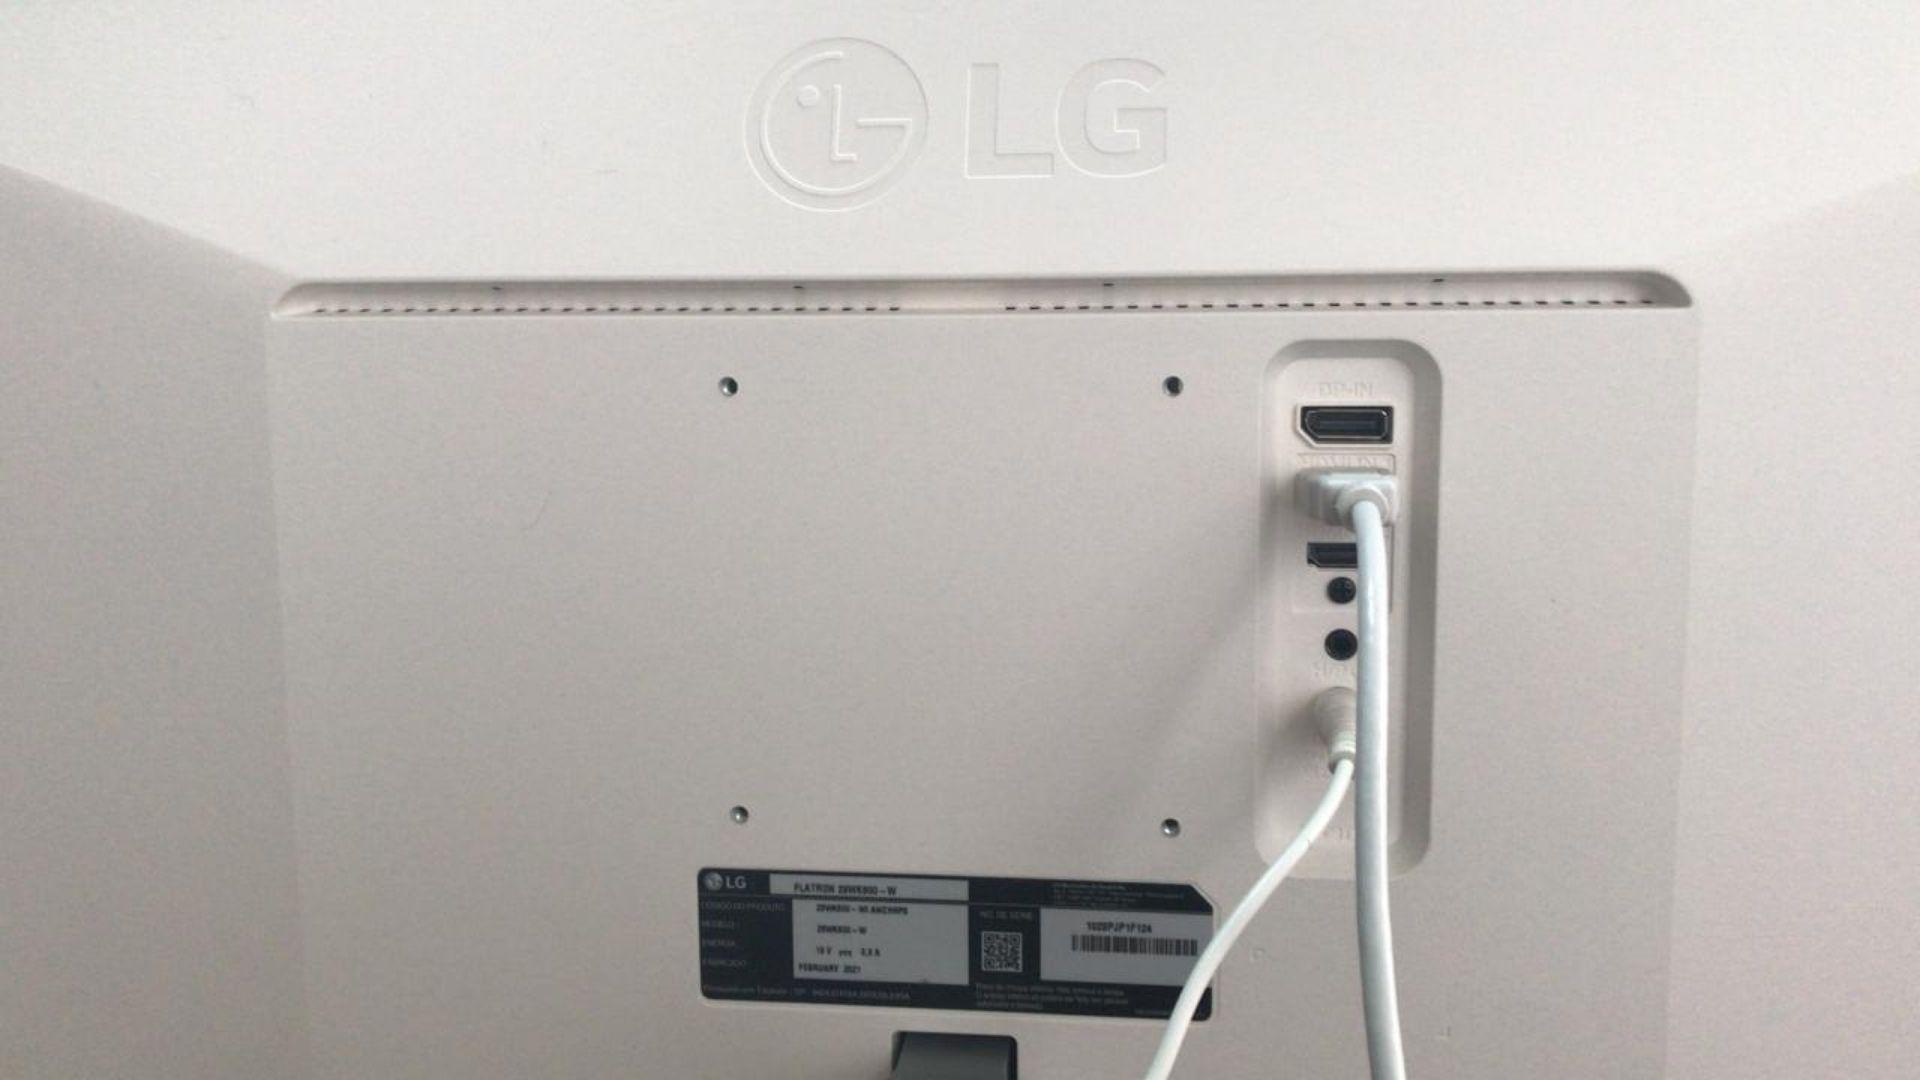 A logo do LG está marcada em relevo na parte de trás. Nessa foto, você também vê o cabo de força e o cabo HDMI conectados às entradas do monitor (Foto: Guilherme Toscano)